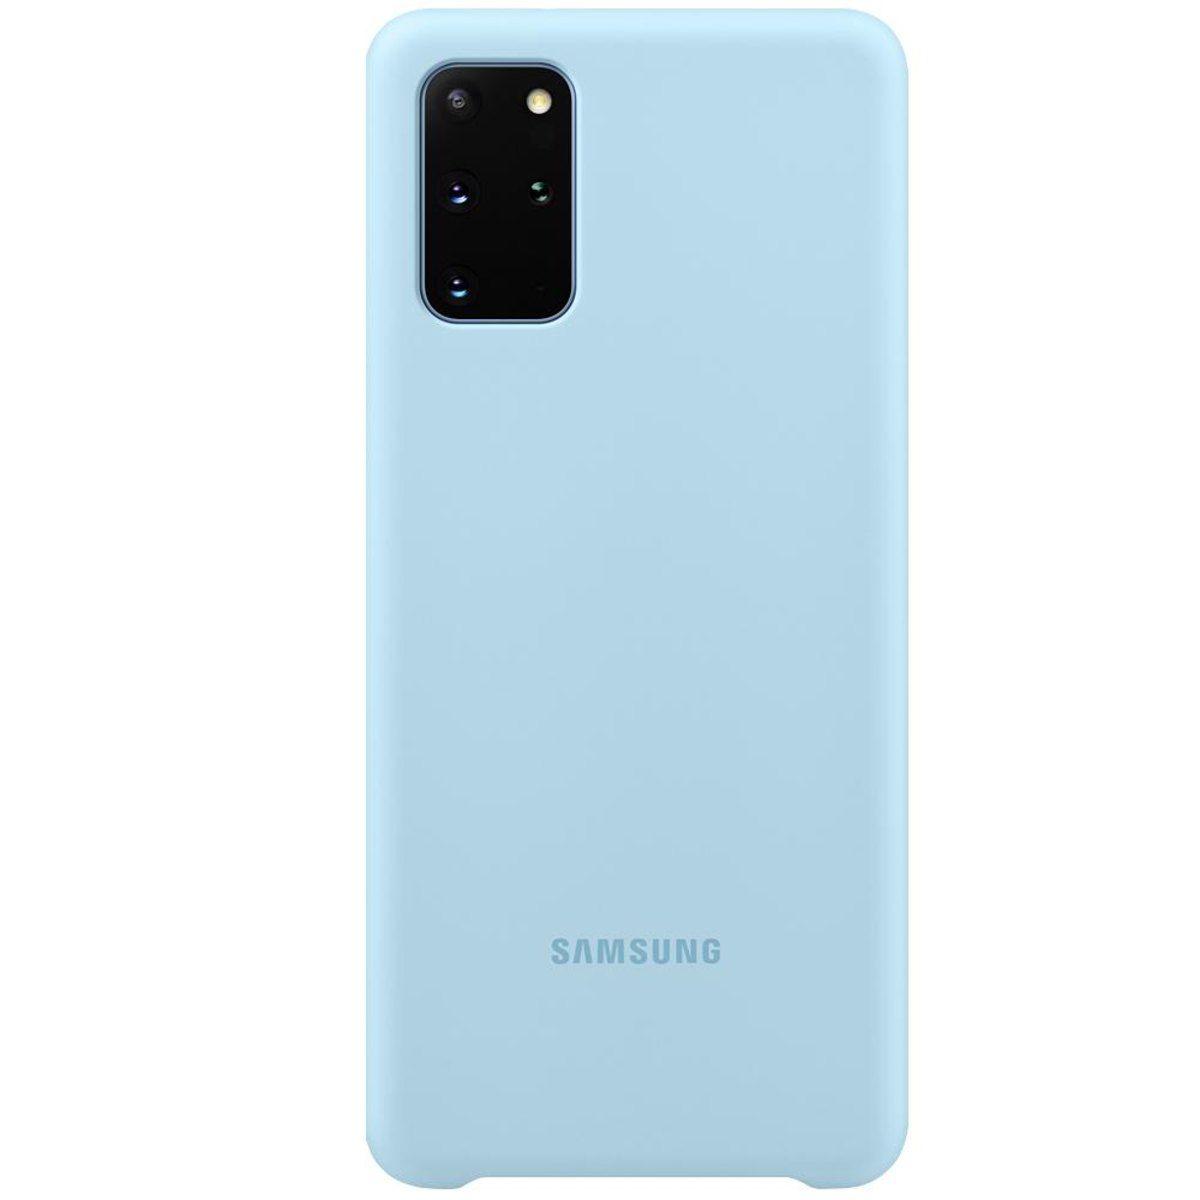 Capa Protetora Silicone Azul - Galaxy S20+